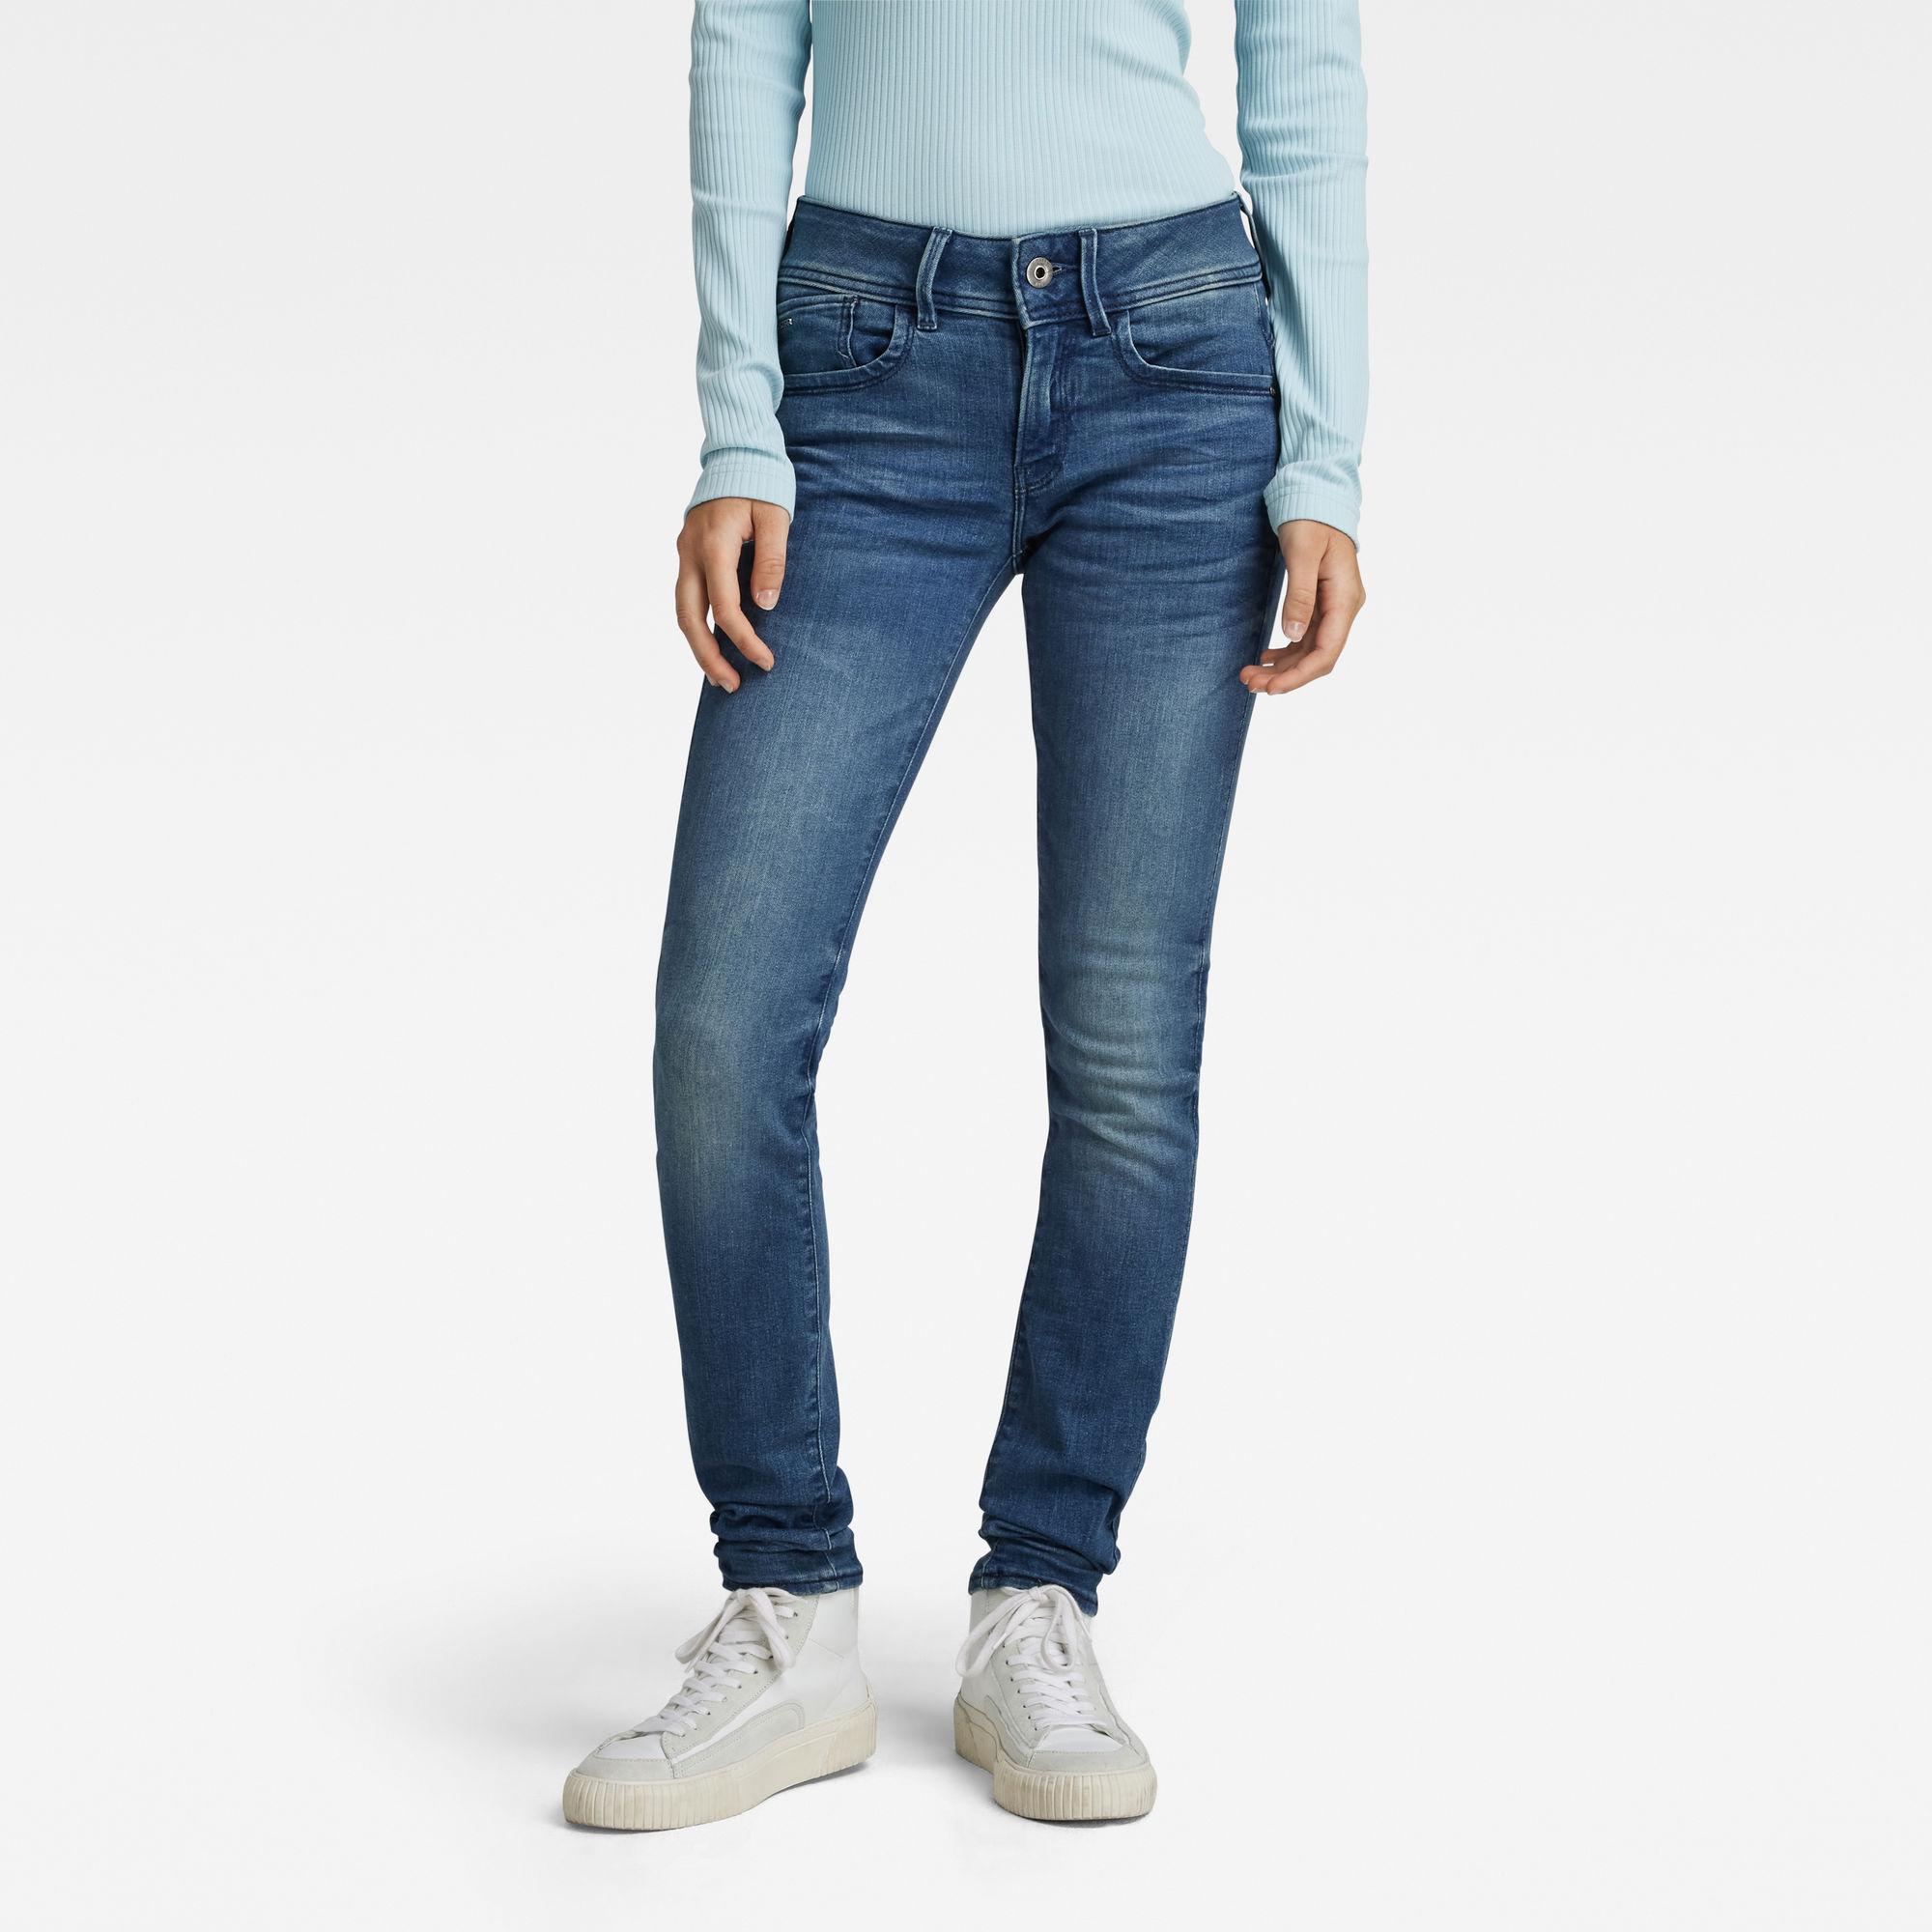 G-Star RAW Dames Lynn Mid Waist Skinny Jeans Blauw